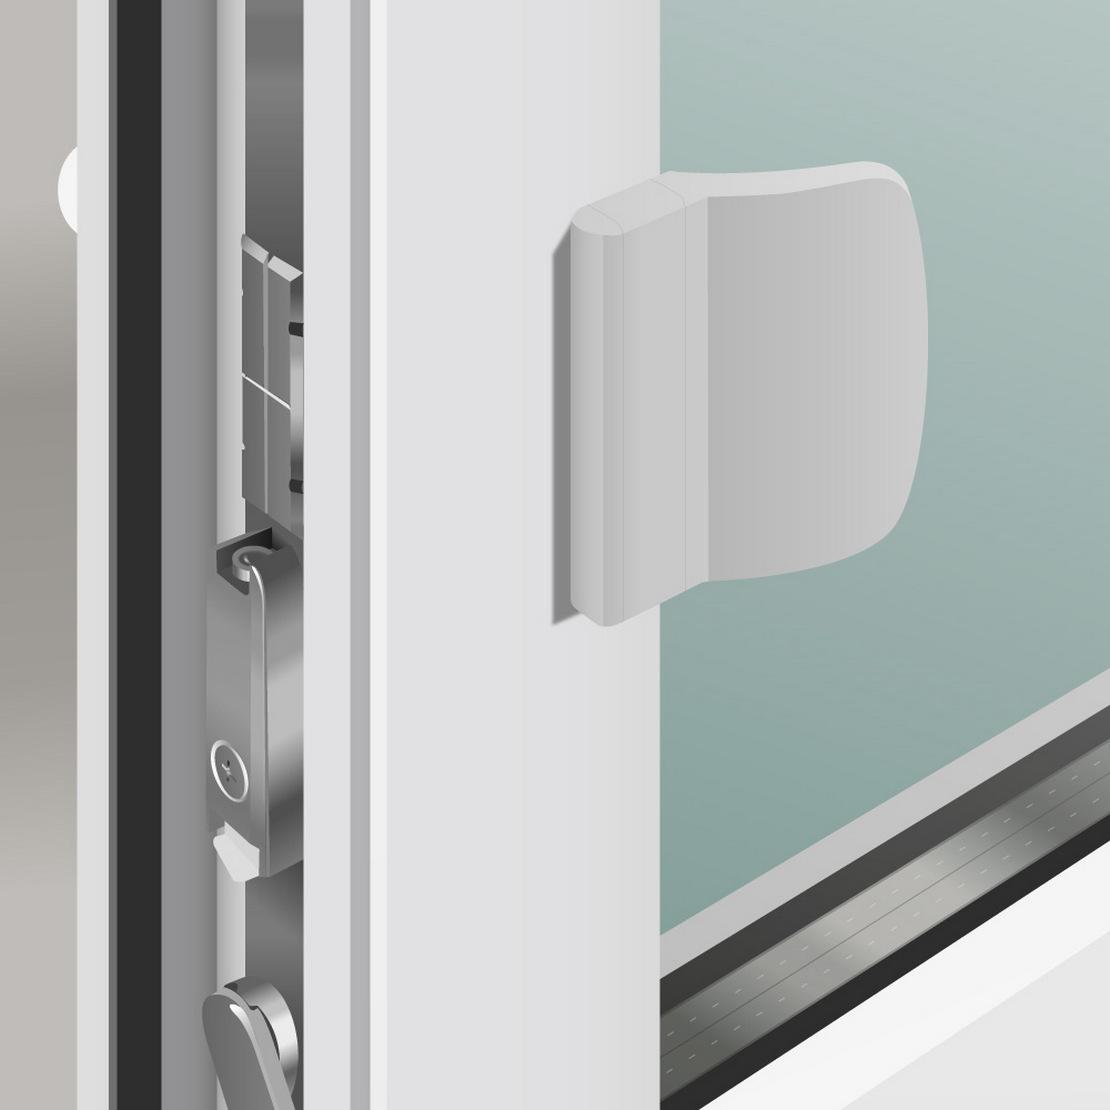 защелка для балконной двери